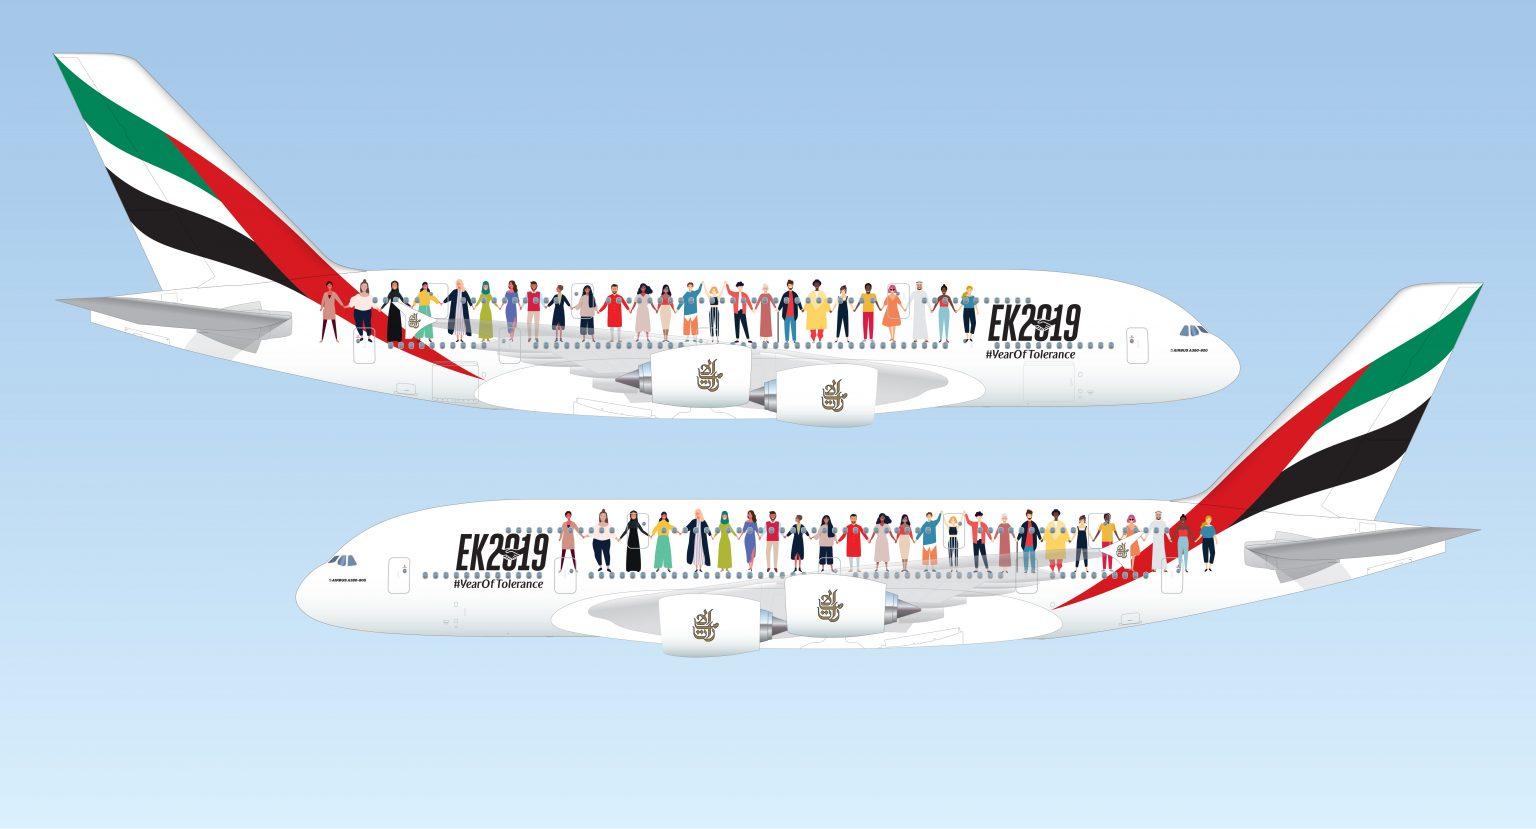 Sådan kommer den særmalede Airbus A380 fra Emirates til at se ud, når dobbeltdækkeren 29. november skal foretage sin særlige flyvning over de Forenede Arabiske Emirater – begge sider vil være dekoreret med et panorama af mennesker fra forskellige baggrunde og kulturer, der holder hinanden i hånden. Illustration: Emirates.